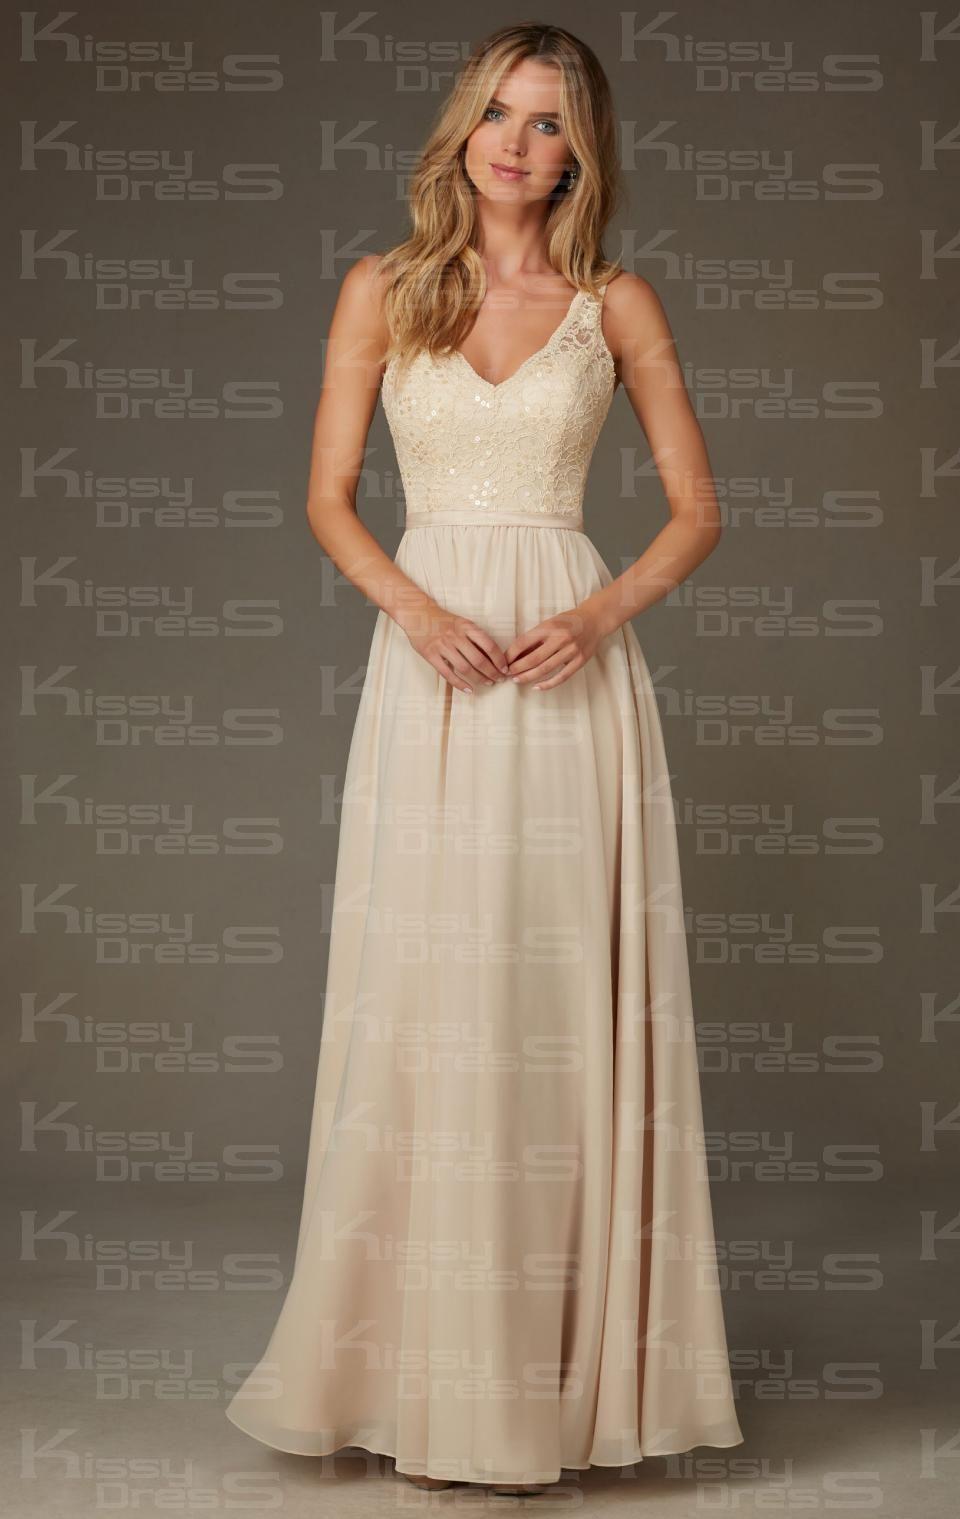 Kissybridesmaidsunique champagne long bridesmaid dress